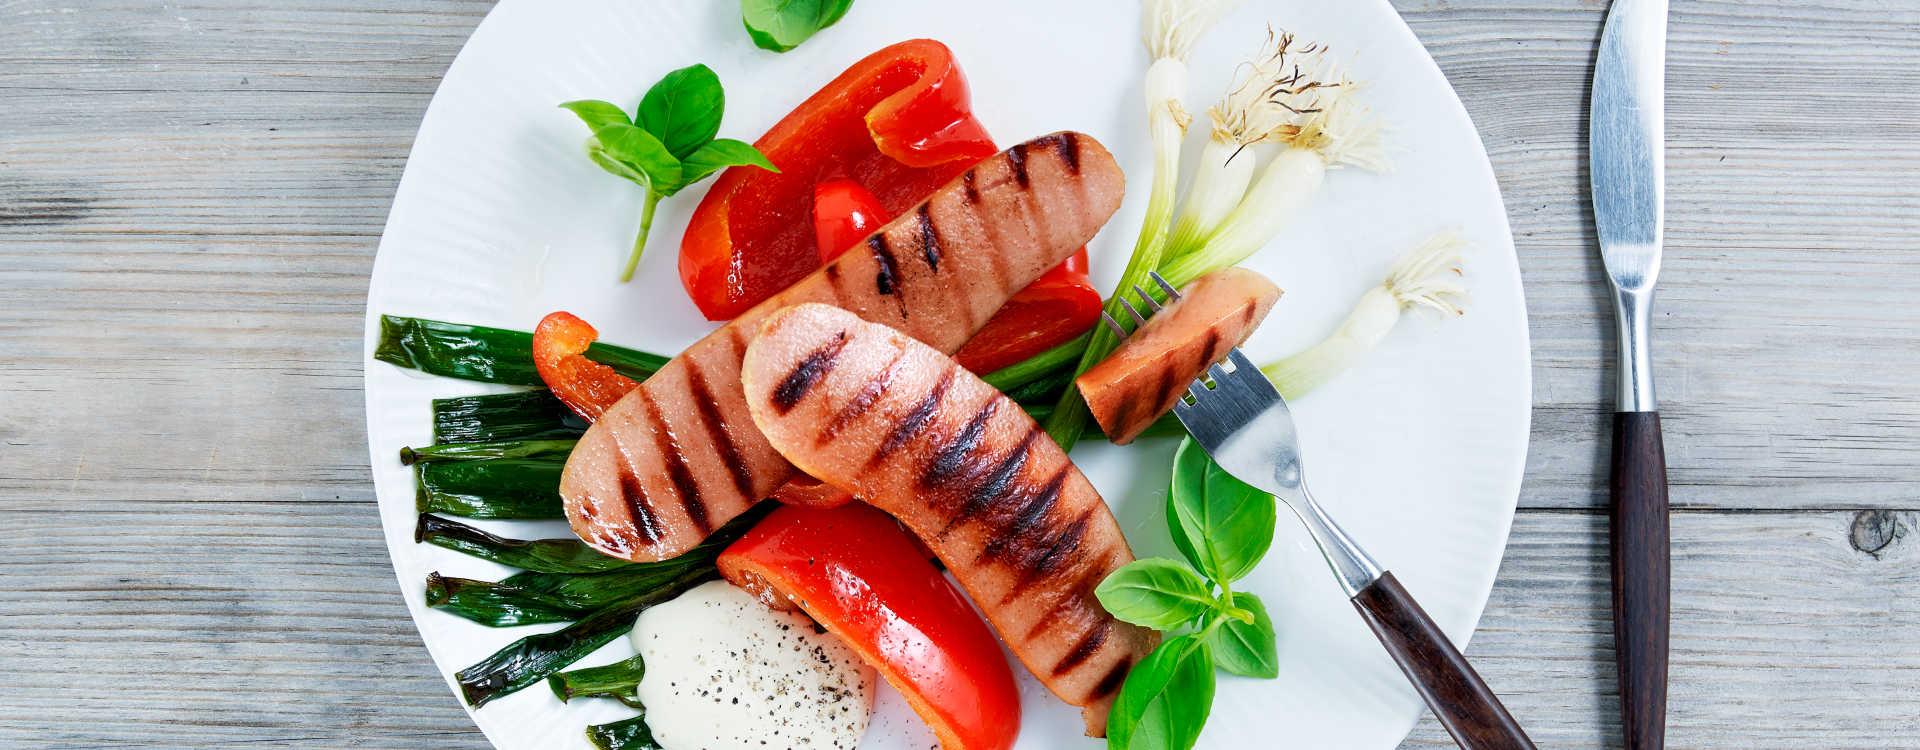 Røkte kjøttpølser med grillet paprika, vårløk og sennepsrømme